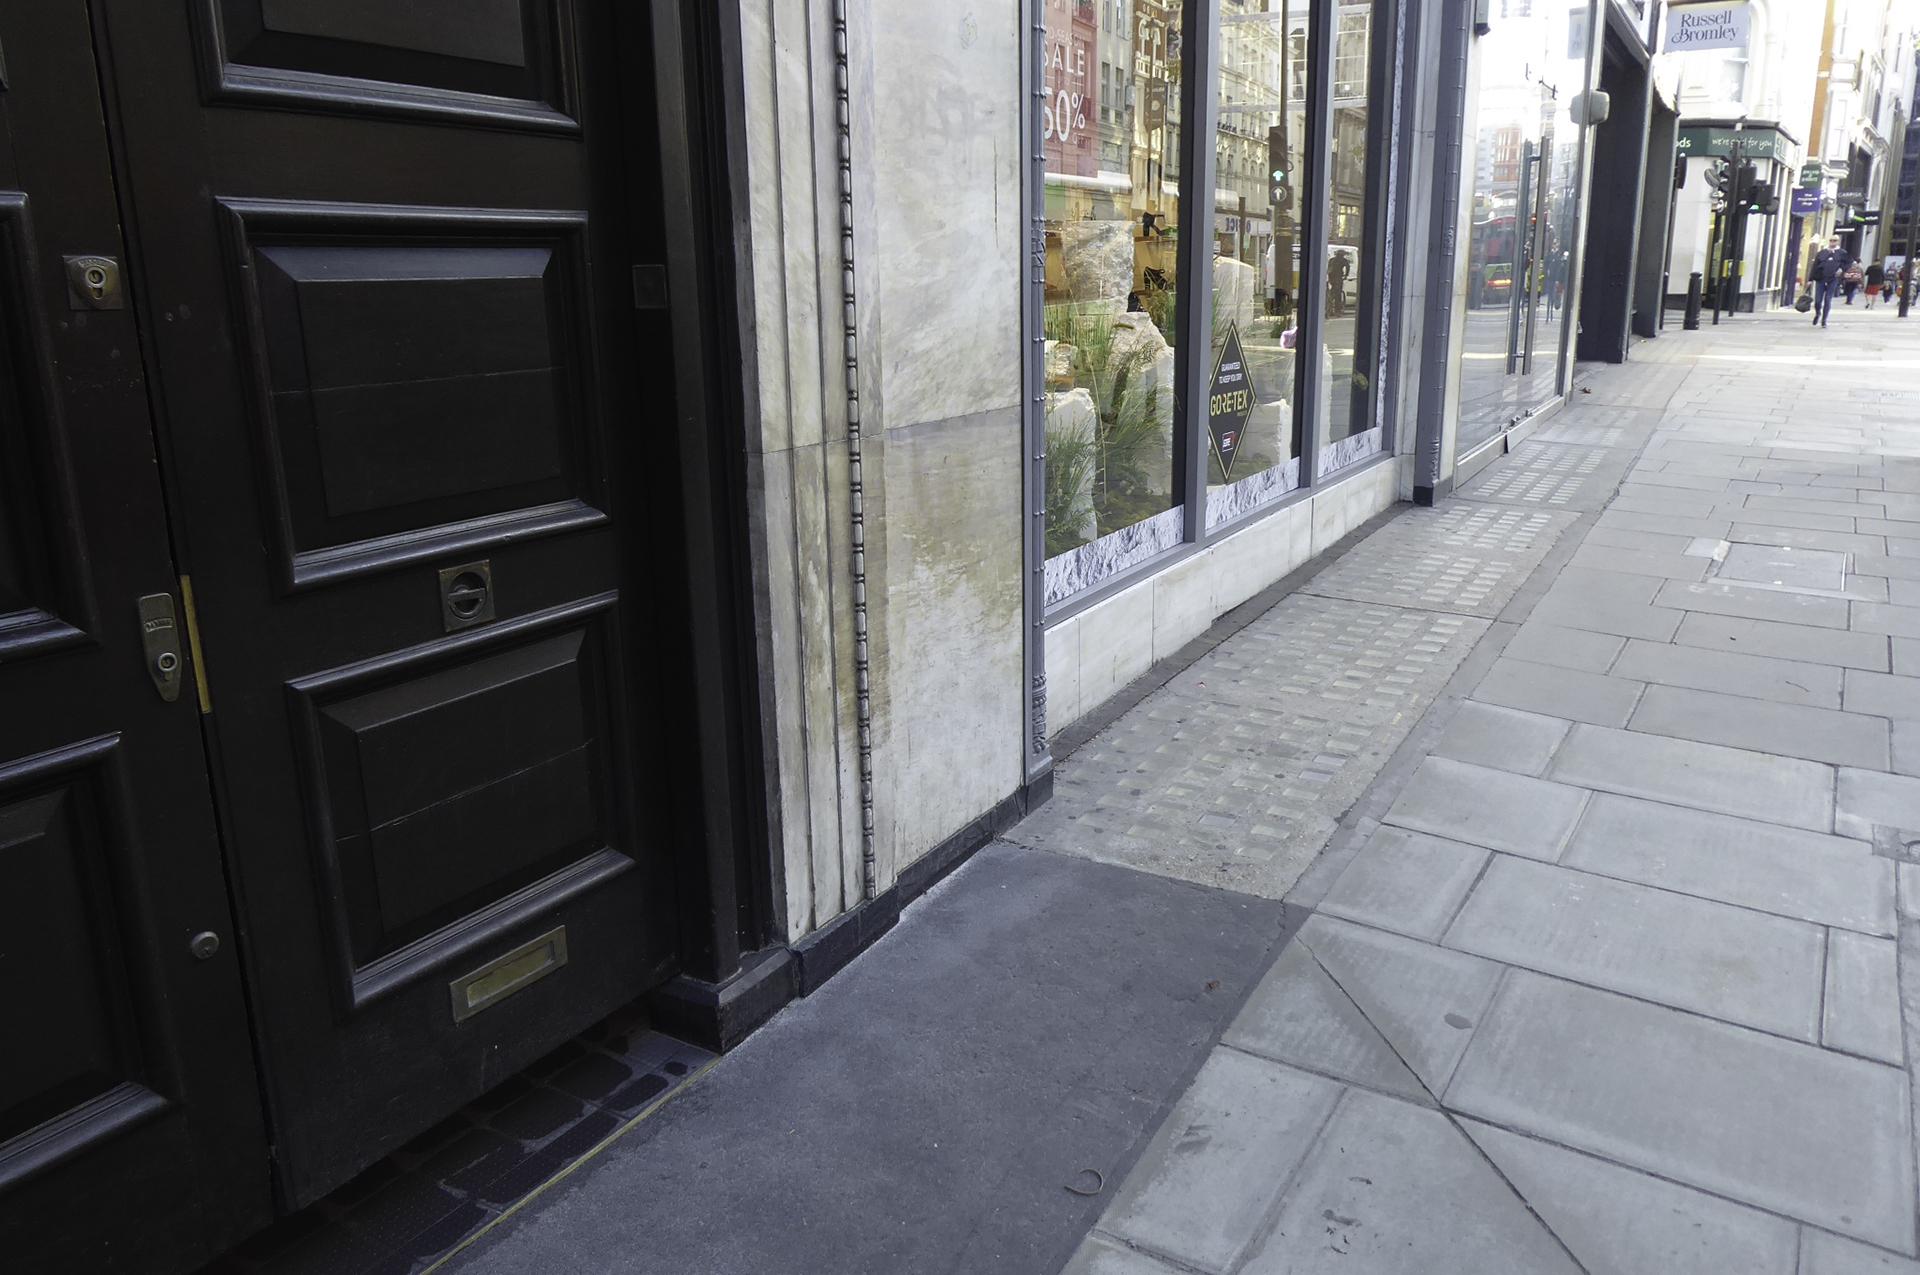 Pavement Light Leak detection